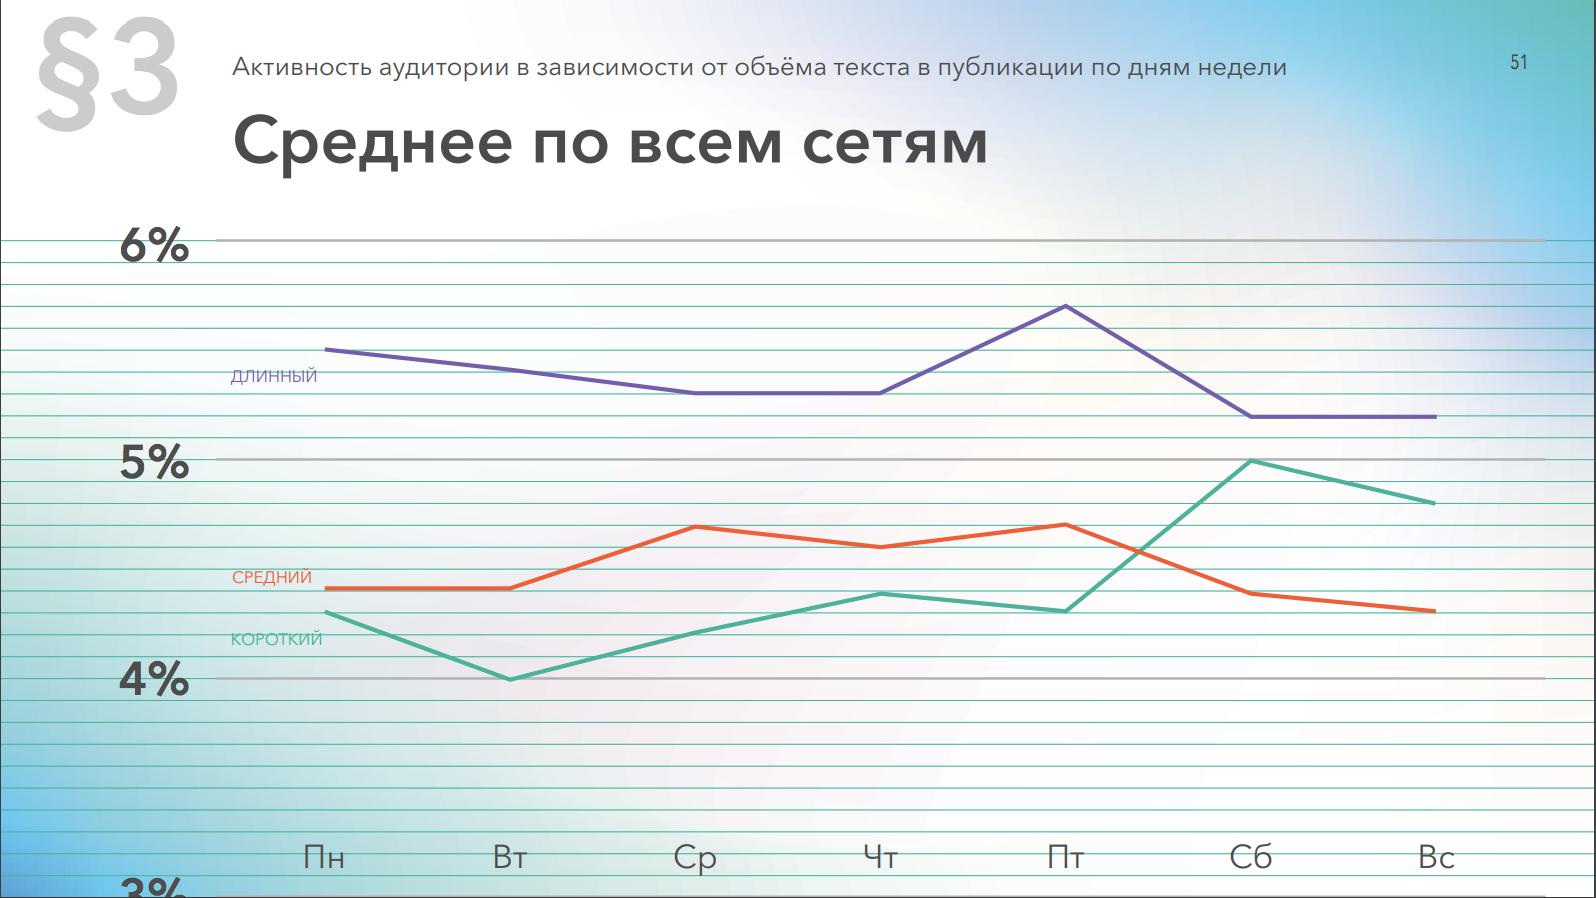 Средняя активность по всем социальным сетям в зависимости от длины текста в постах и дня недели